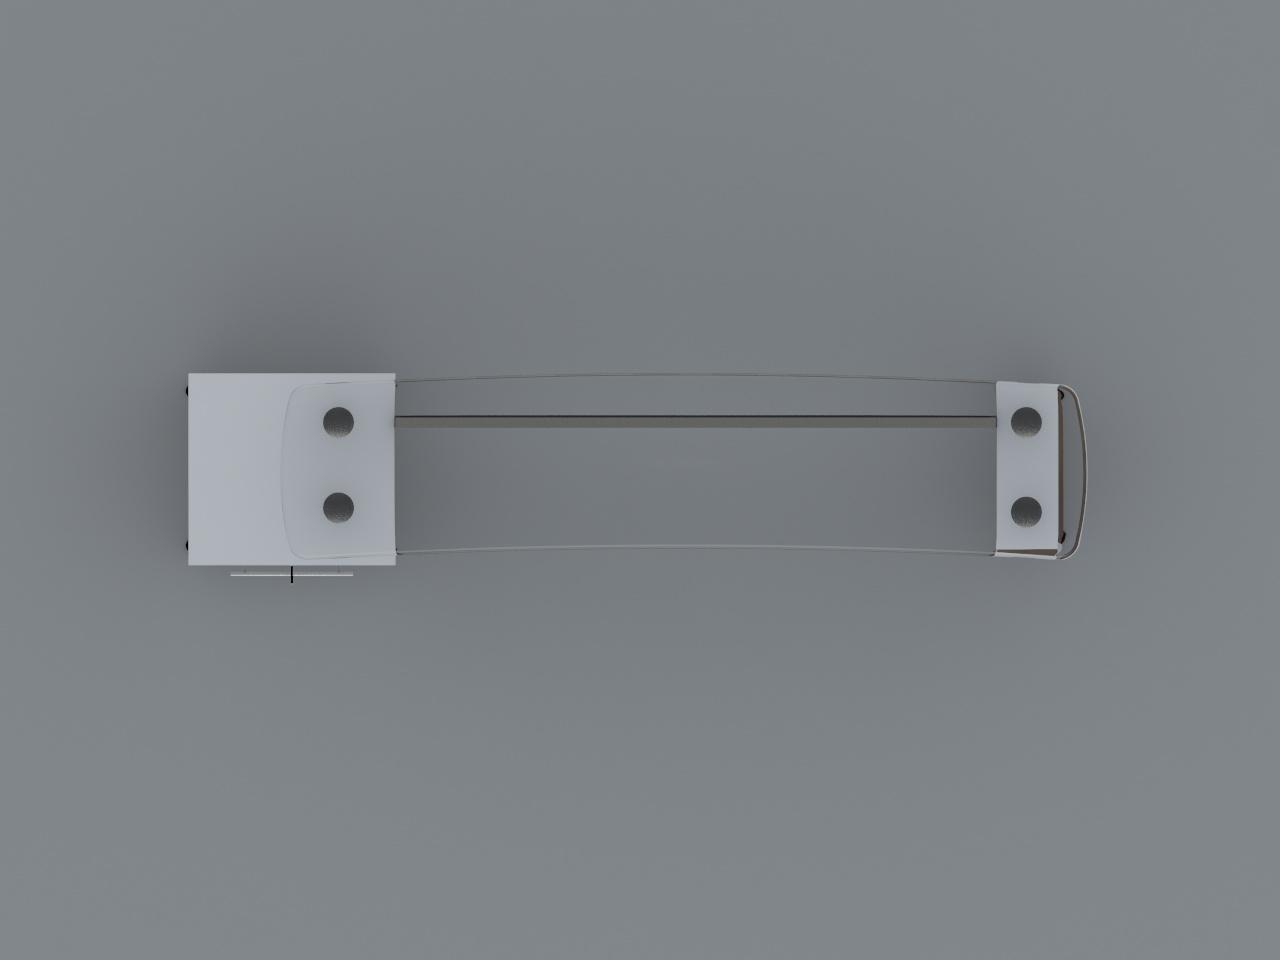 credenza ejecutiva boston 220 x 50 cm cub cristal 12mm con pedestal